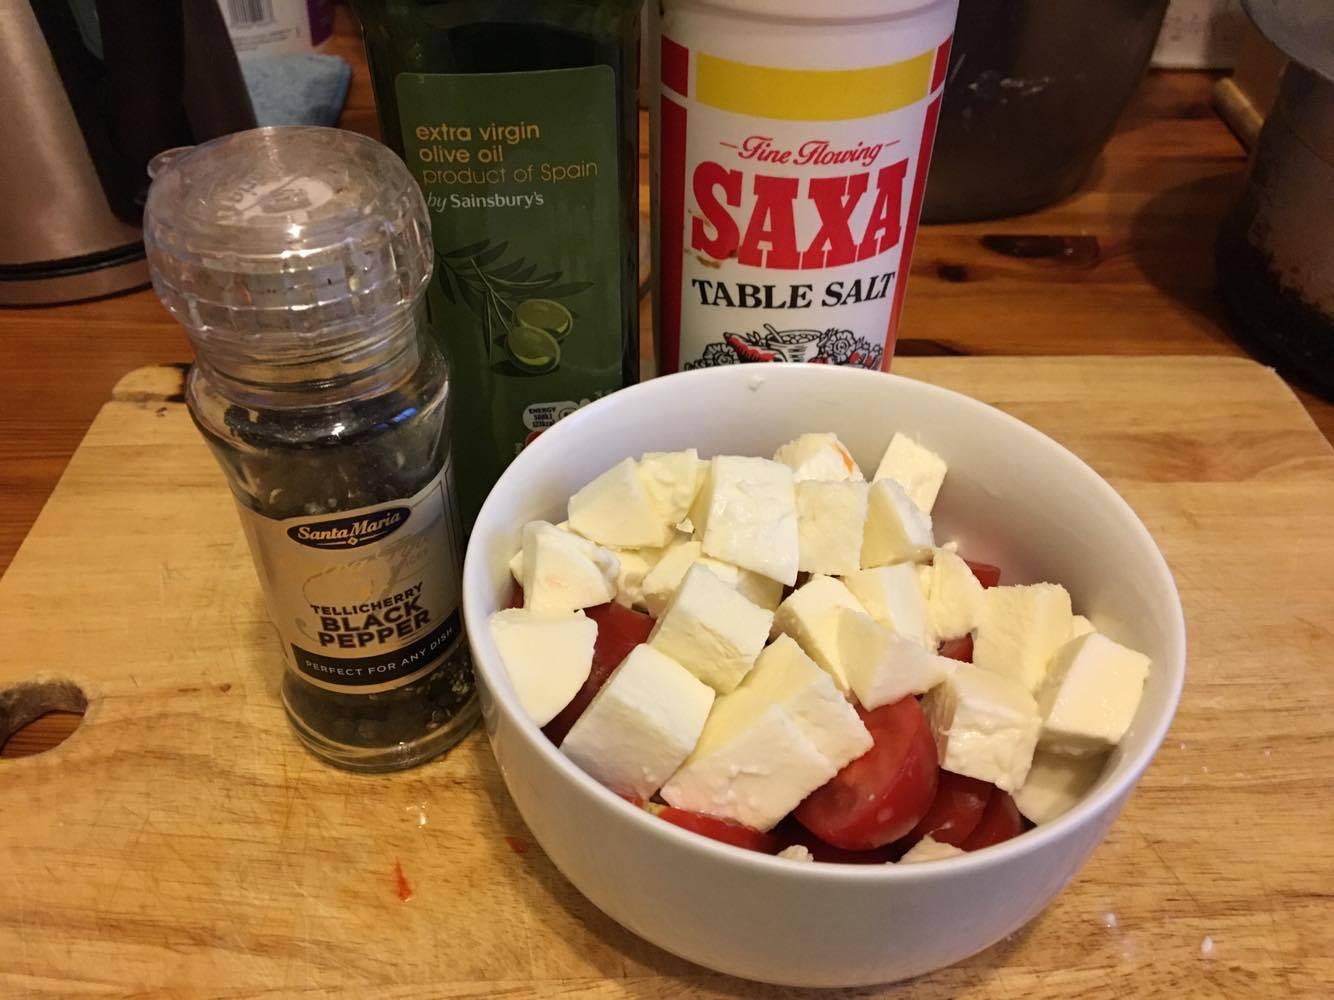 3.トマトは半分に、チーズは半分に切ったあとさいの目に切る